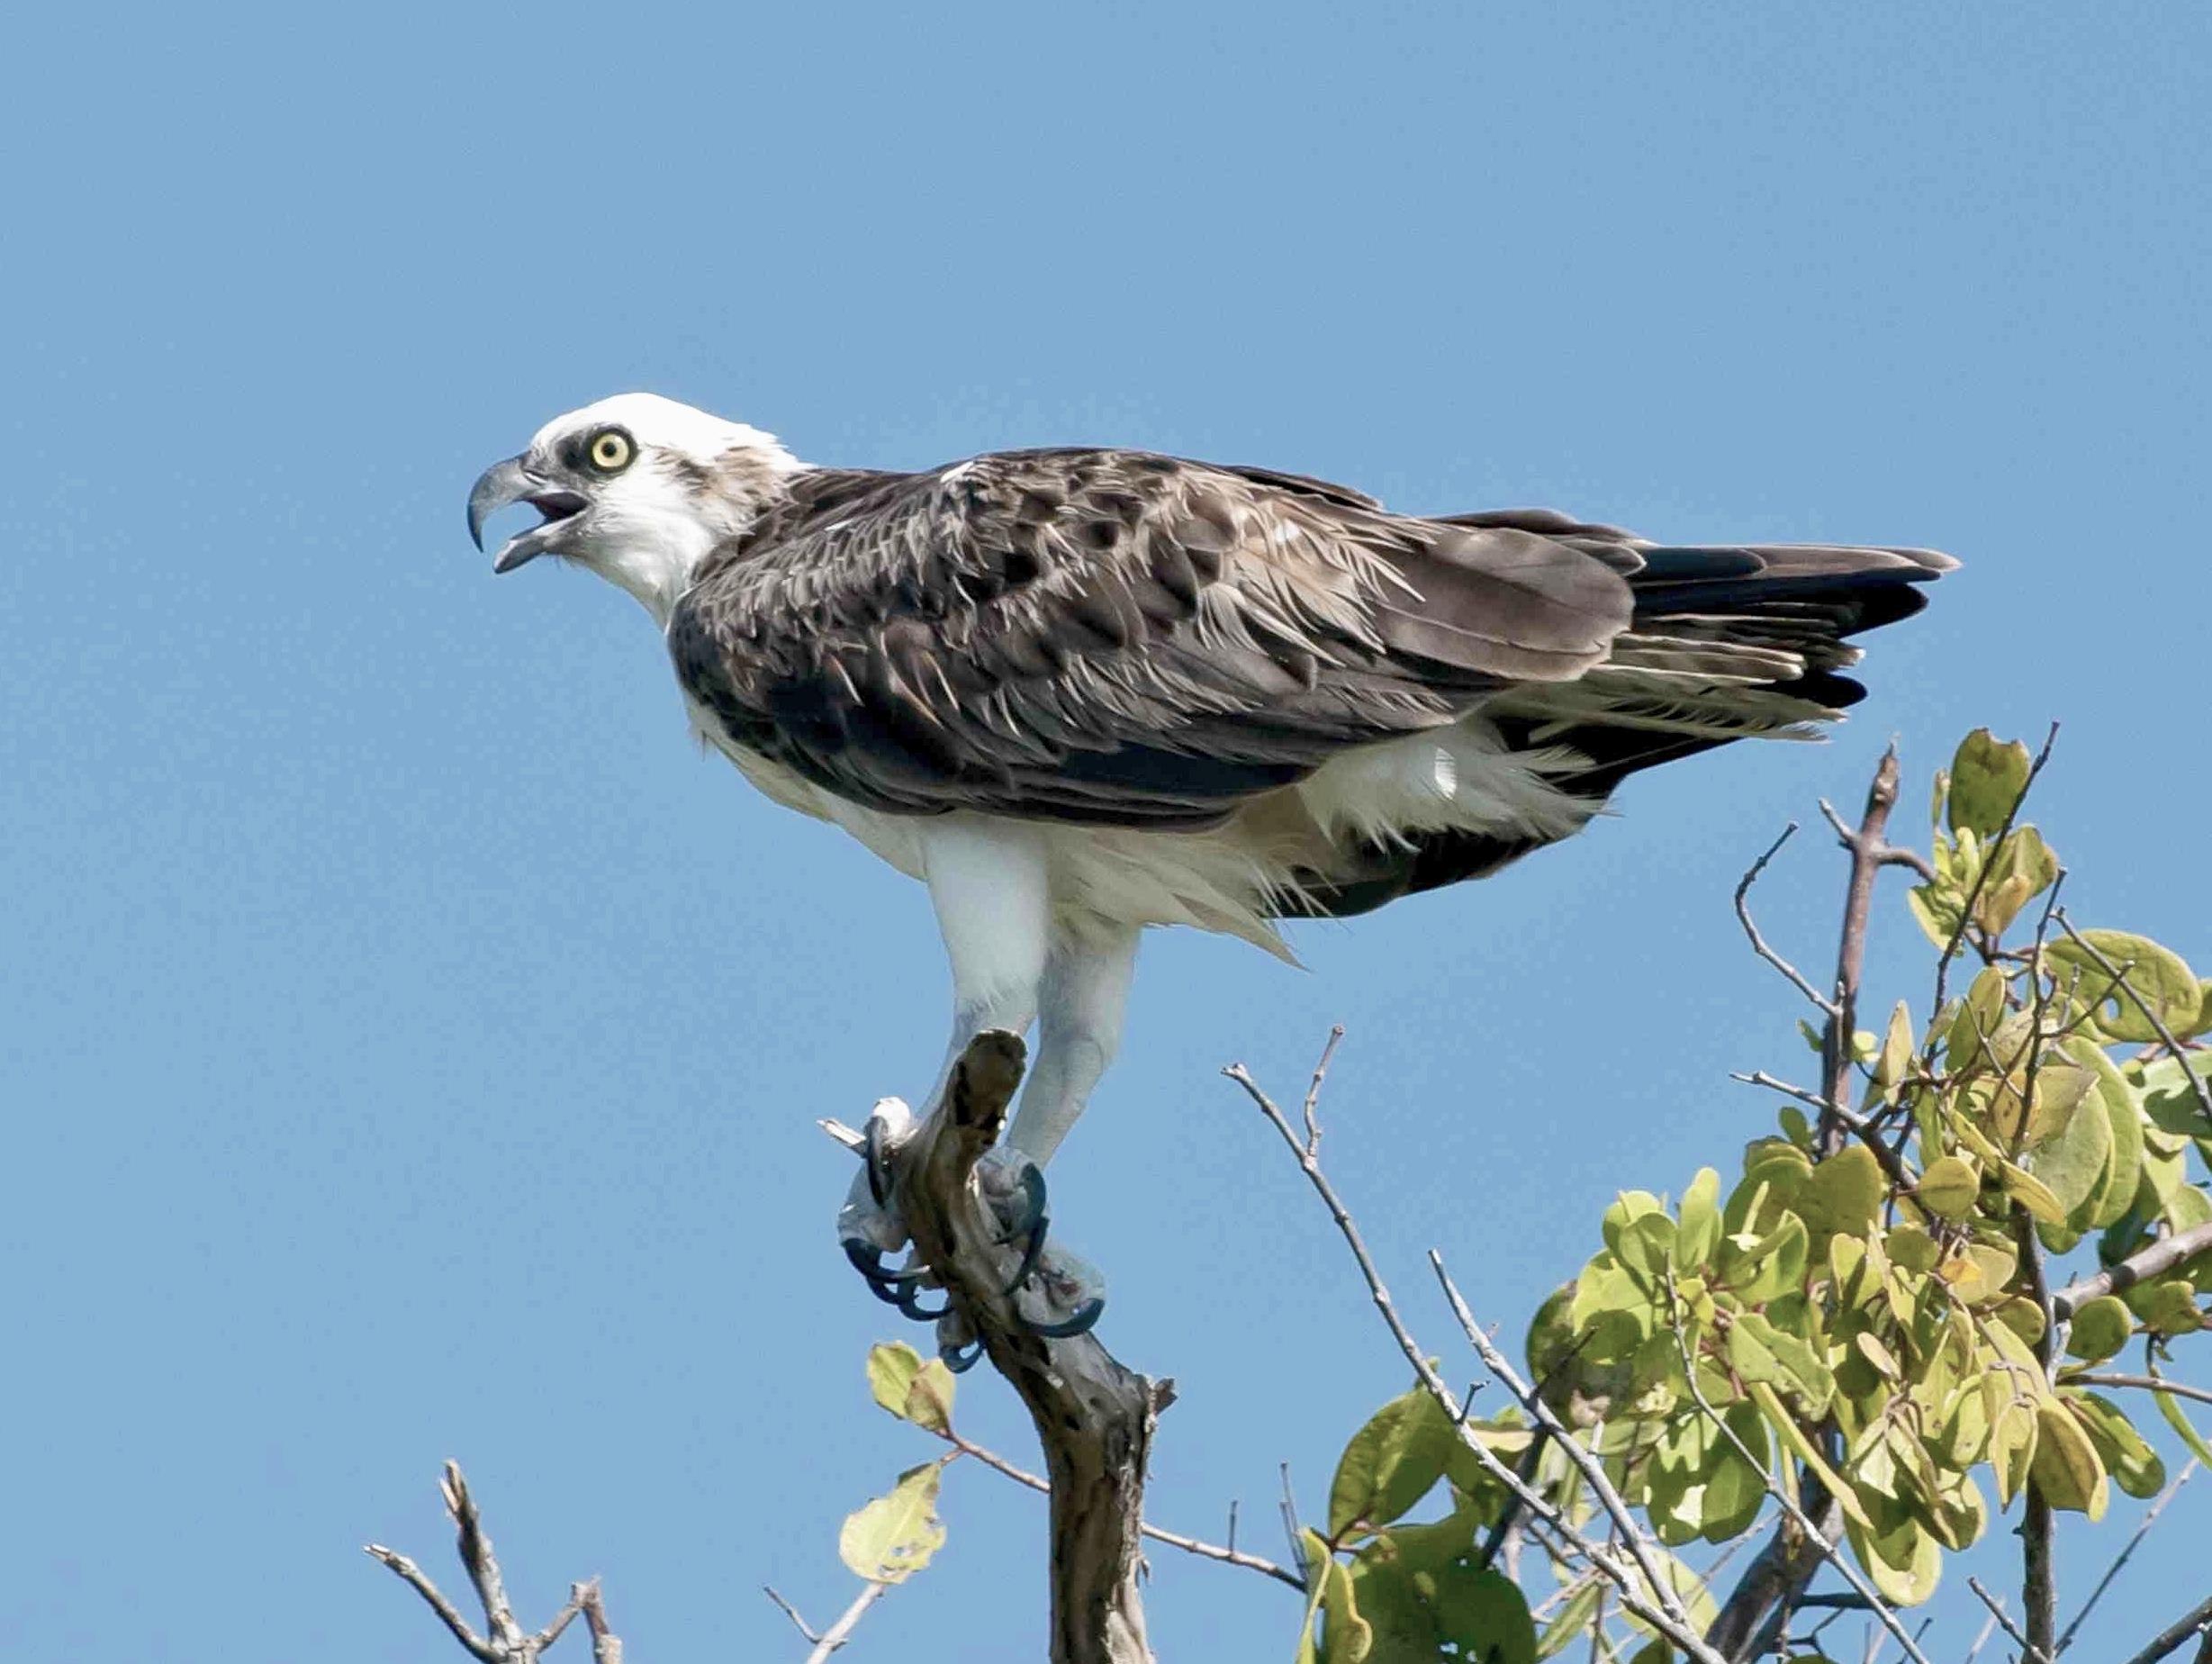 Osprey, Abaco, Bahamas - Tom Sheley